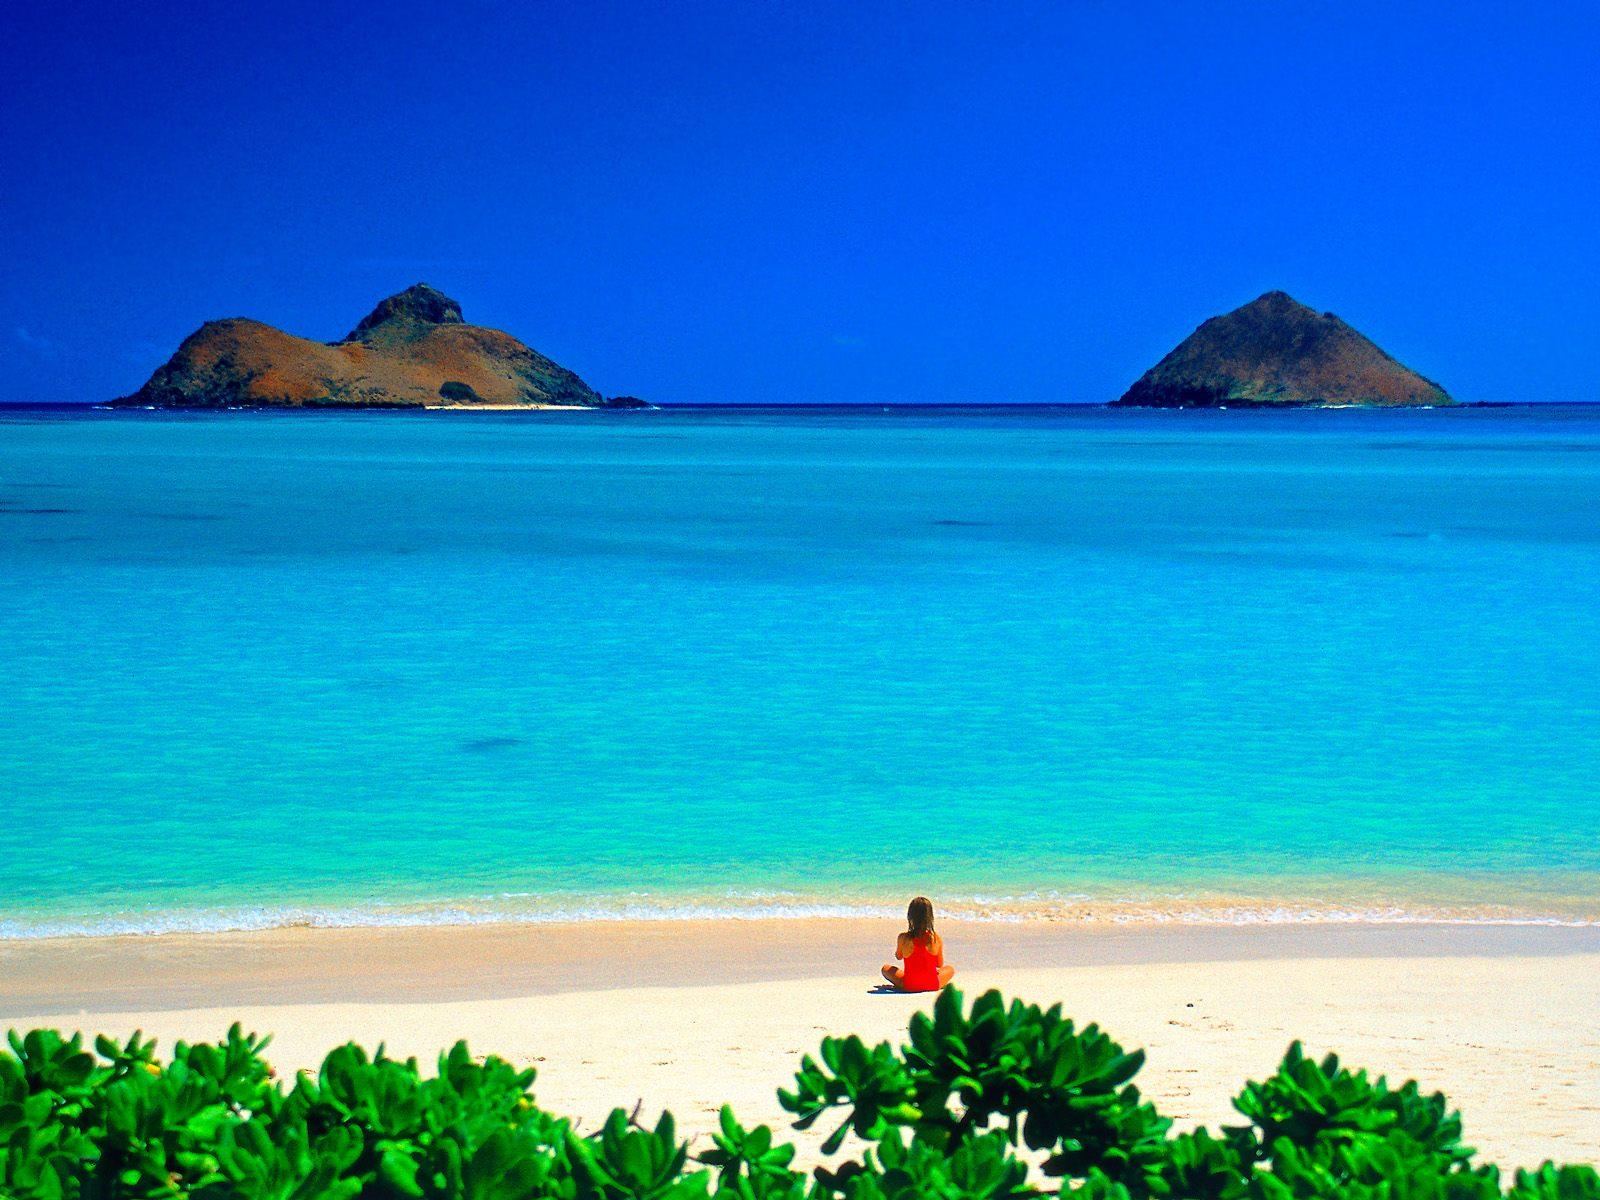 http://1.bp.blogspot.com/-GLxXi542uCA/T61GMMXnCJI/AAAAAAAAABY/8VEp7whTDn8/s1600/oahu-hawaii-pictures.jpg